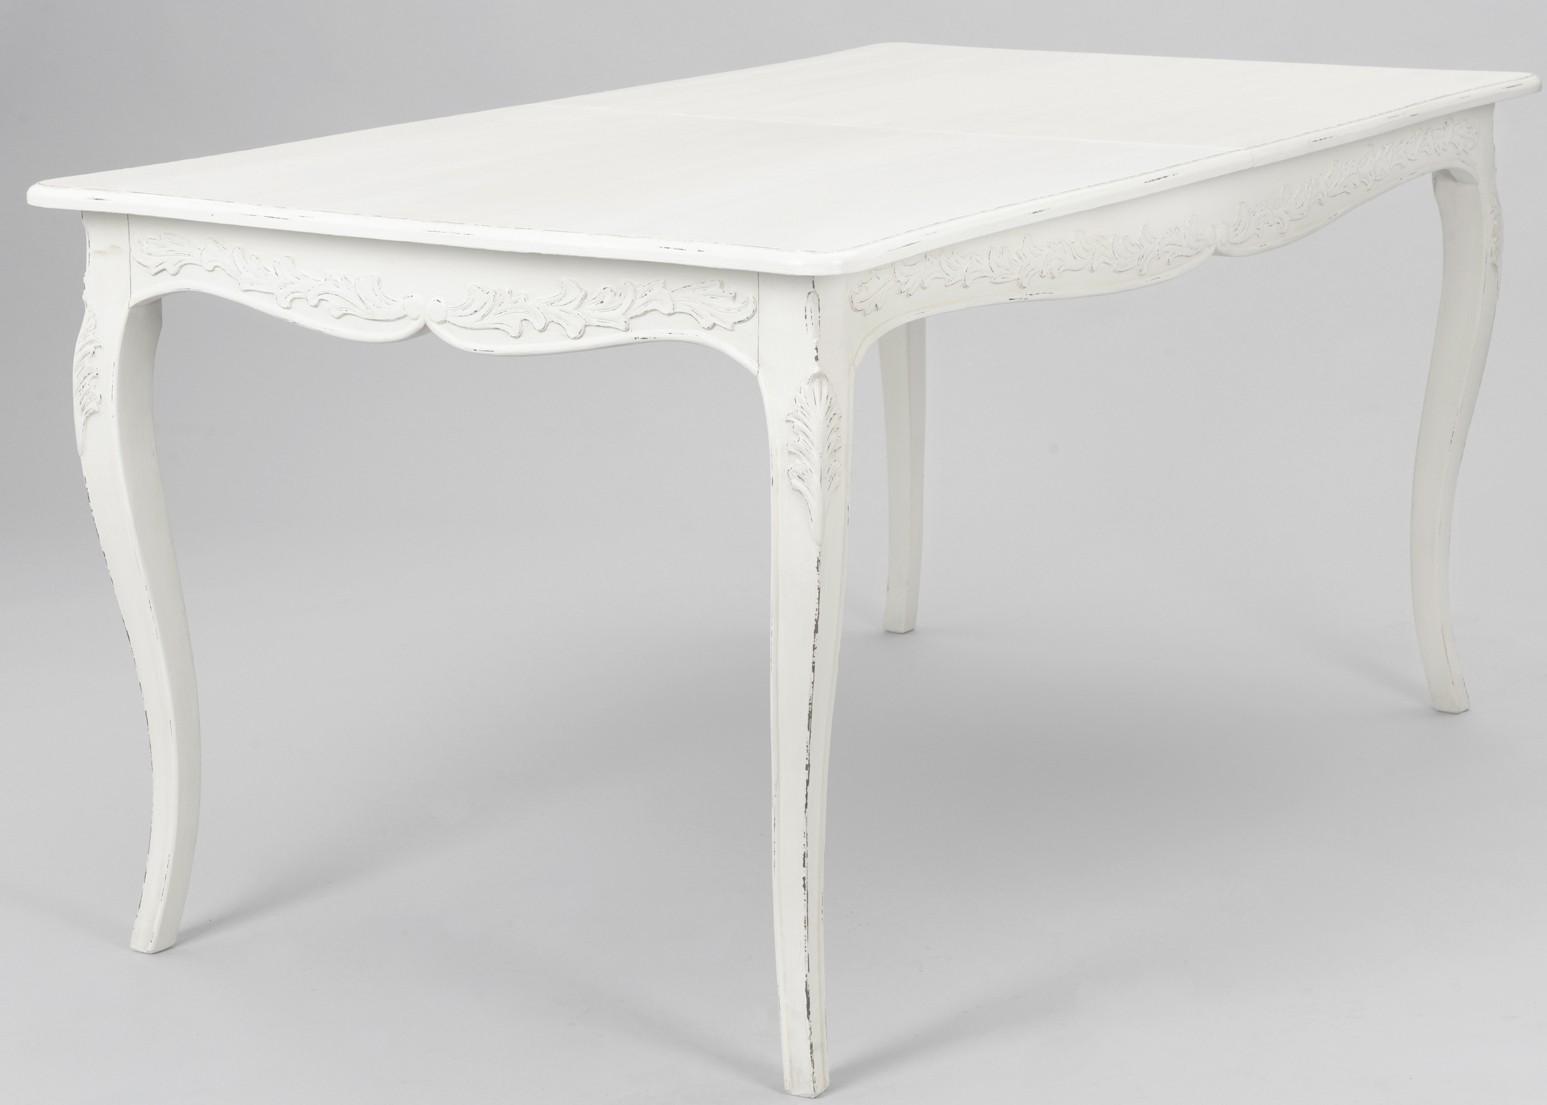 table de repas extensible 160 200 cm bois blanc romantique comtesse l 160 x p 90 x h 75 amadeus